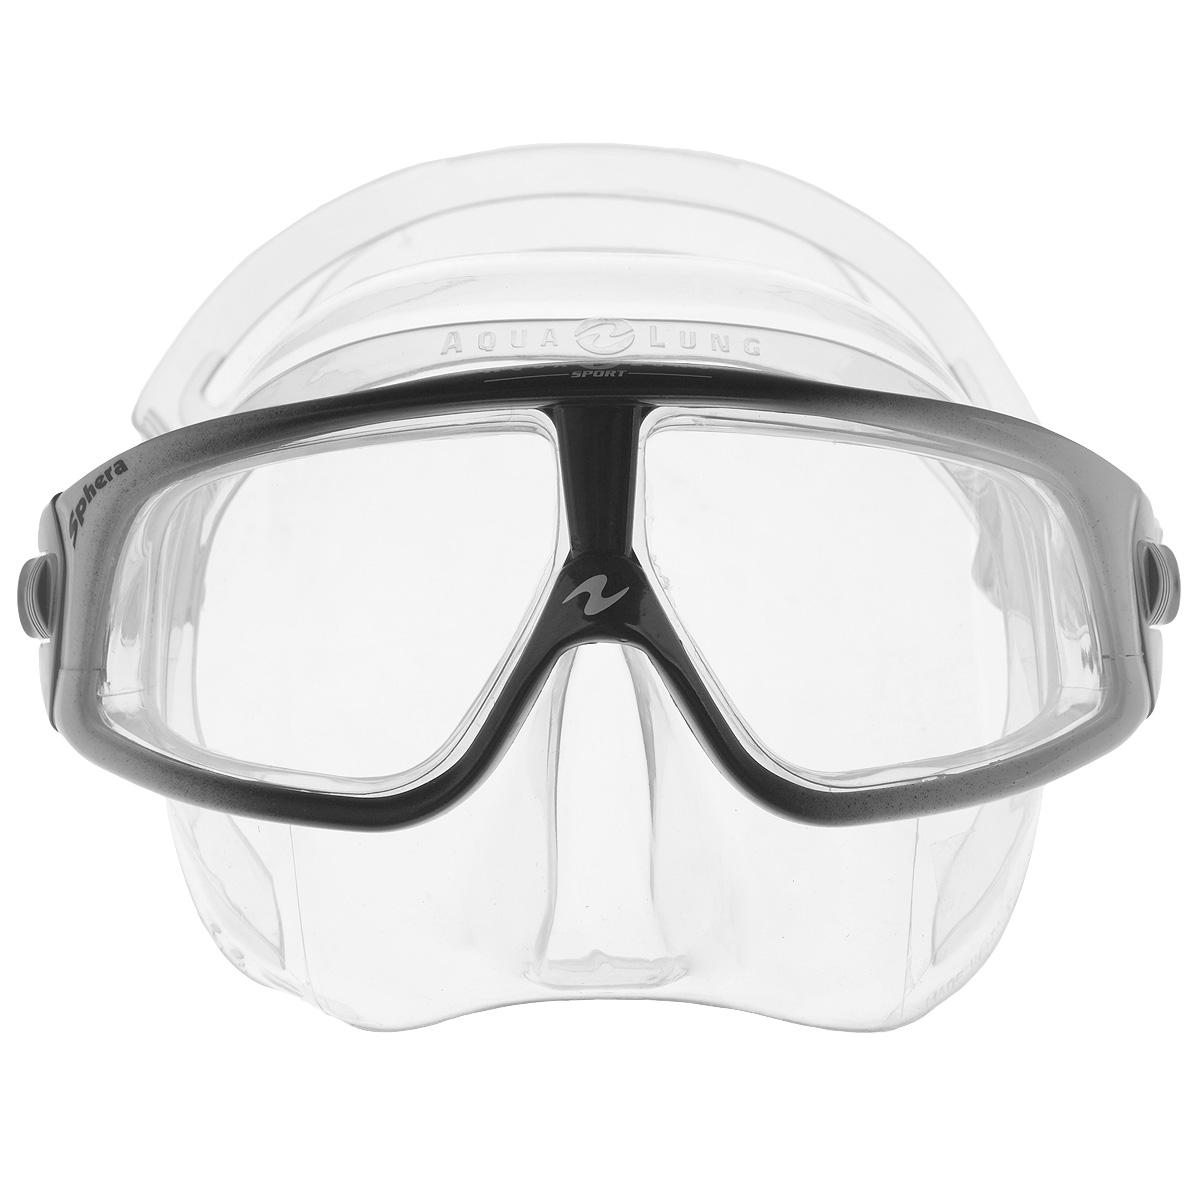 Маска для плавания Aqua Lung Sphere LX, цвет: серый, черныйTN107900 (107740)Aqua Lung Sphere LX сочетает в себе уникальные свойства в результате применения особых материалов и технологий. Новый материал Plexisol позволил создать линзы, не дающие искажений пропорций и размеров объектов под водой, и обеспечивающие максимальный обзор в 180°.Особенности маски:Plexisol в 10 раз легче воды и при этом очень прочен, поэтому эта маска самая легкая в мире (98 г);Линзы изготовлены из плексисола, обеспечивающего видимость реального расстояния под водой; Внешняя сторона линз имеет защитное покрытие от царапин, а внутренняя обработана антизапотевателем; Обзор 180° без каких-либо искажений; Самое маленькое подмасочное пространство среди имеющихся на рынке масок; Малый вес - 98 г, (вес средней маски - 200 г); Анатомический фланец, изготовленный из гипоаллергенного медицинского силикона; Быстро регулируемые пряжки.Материал: силикон, plexisol.